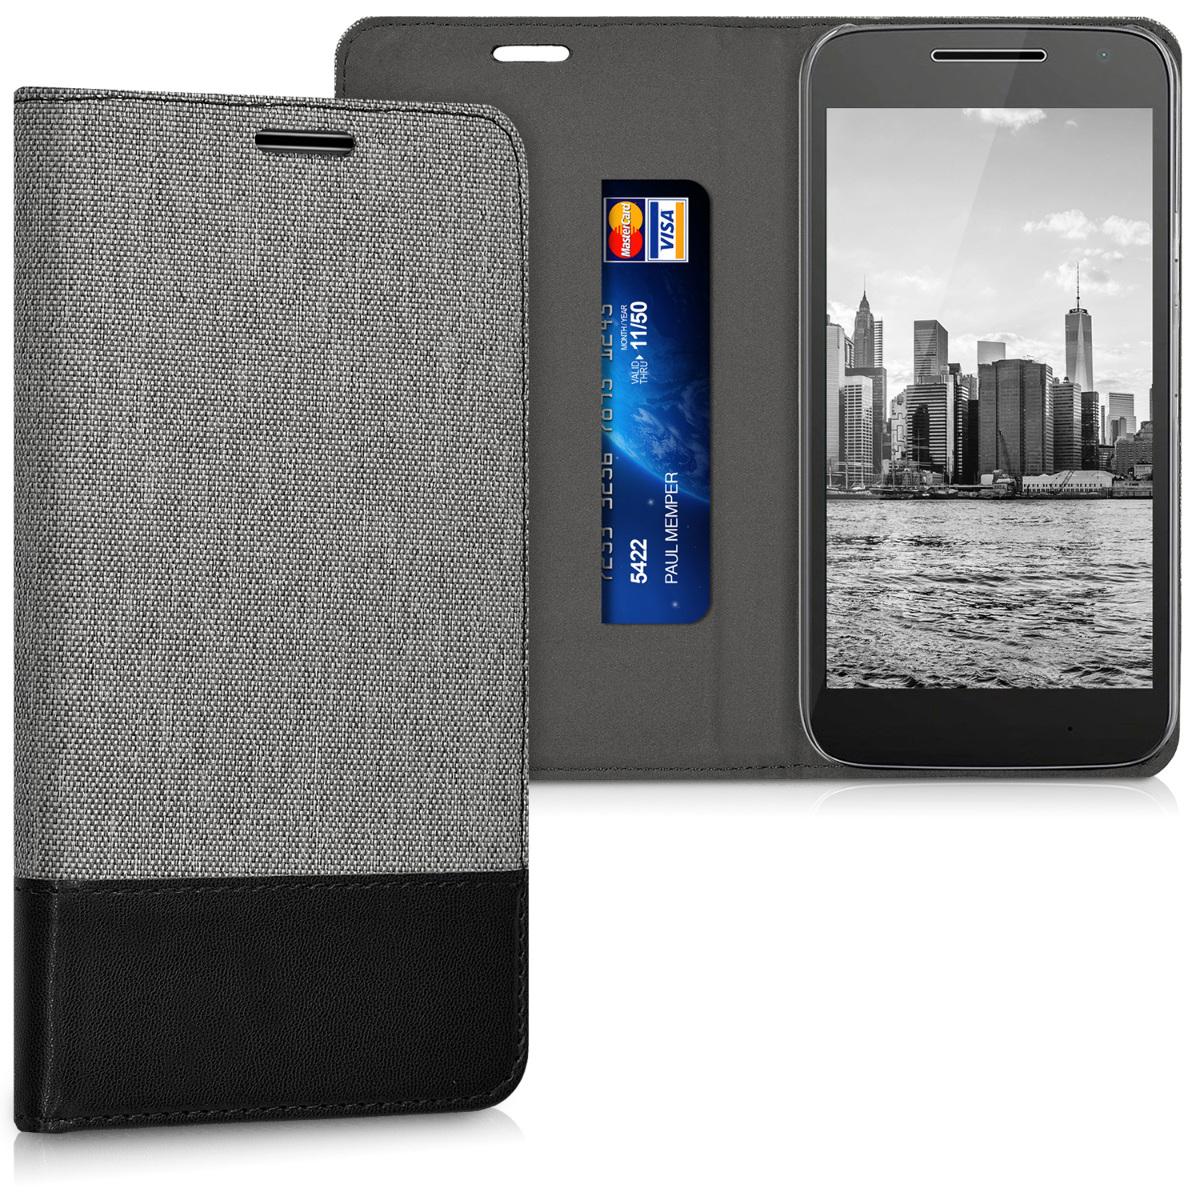 KW Θήκη Πορτοφόλι Motorola Moto G4 Play - Συνθετικό δέρμα - Grey / Black (39522.22)